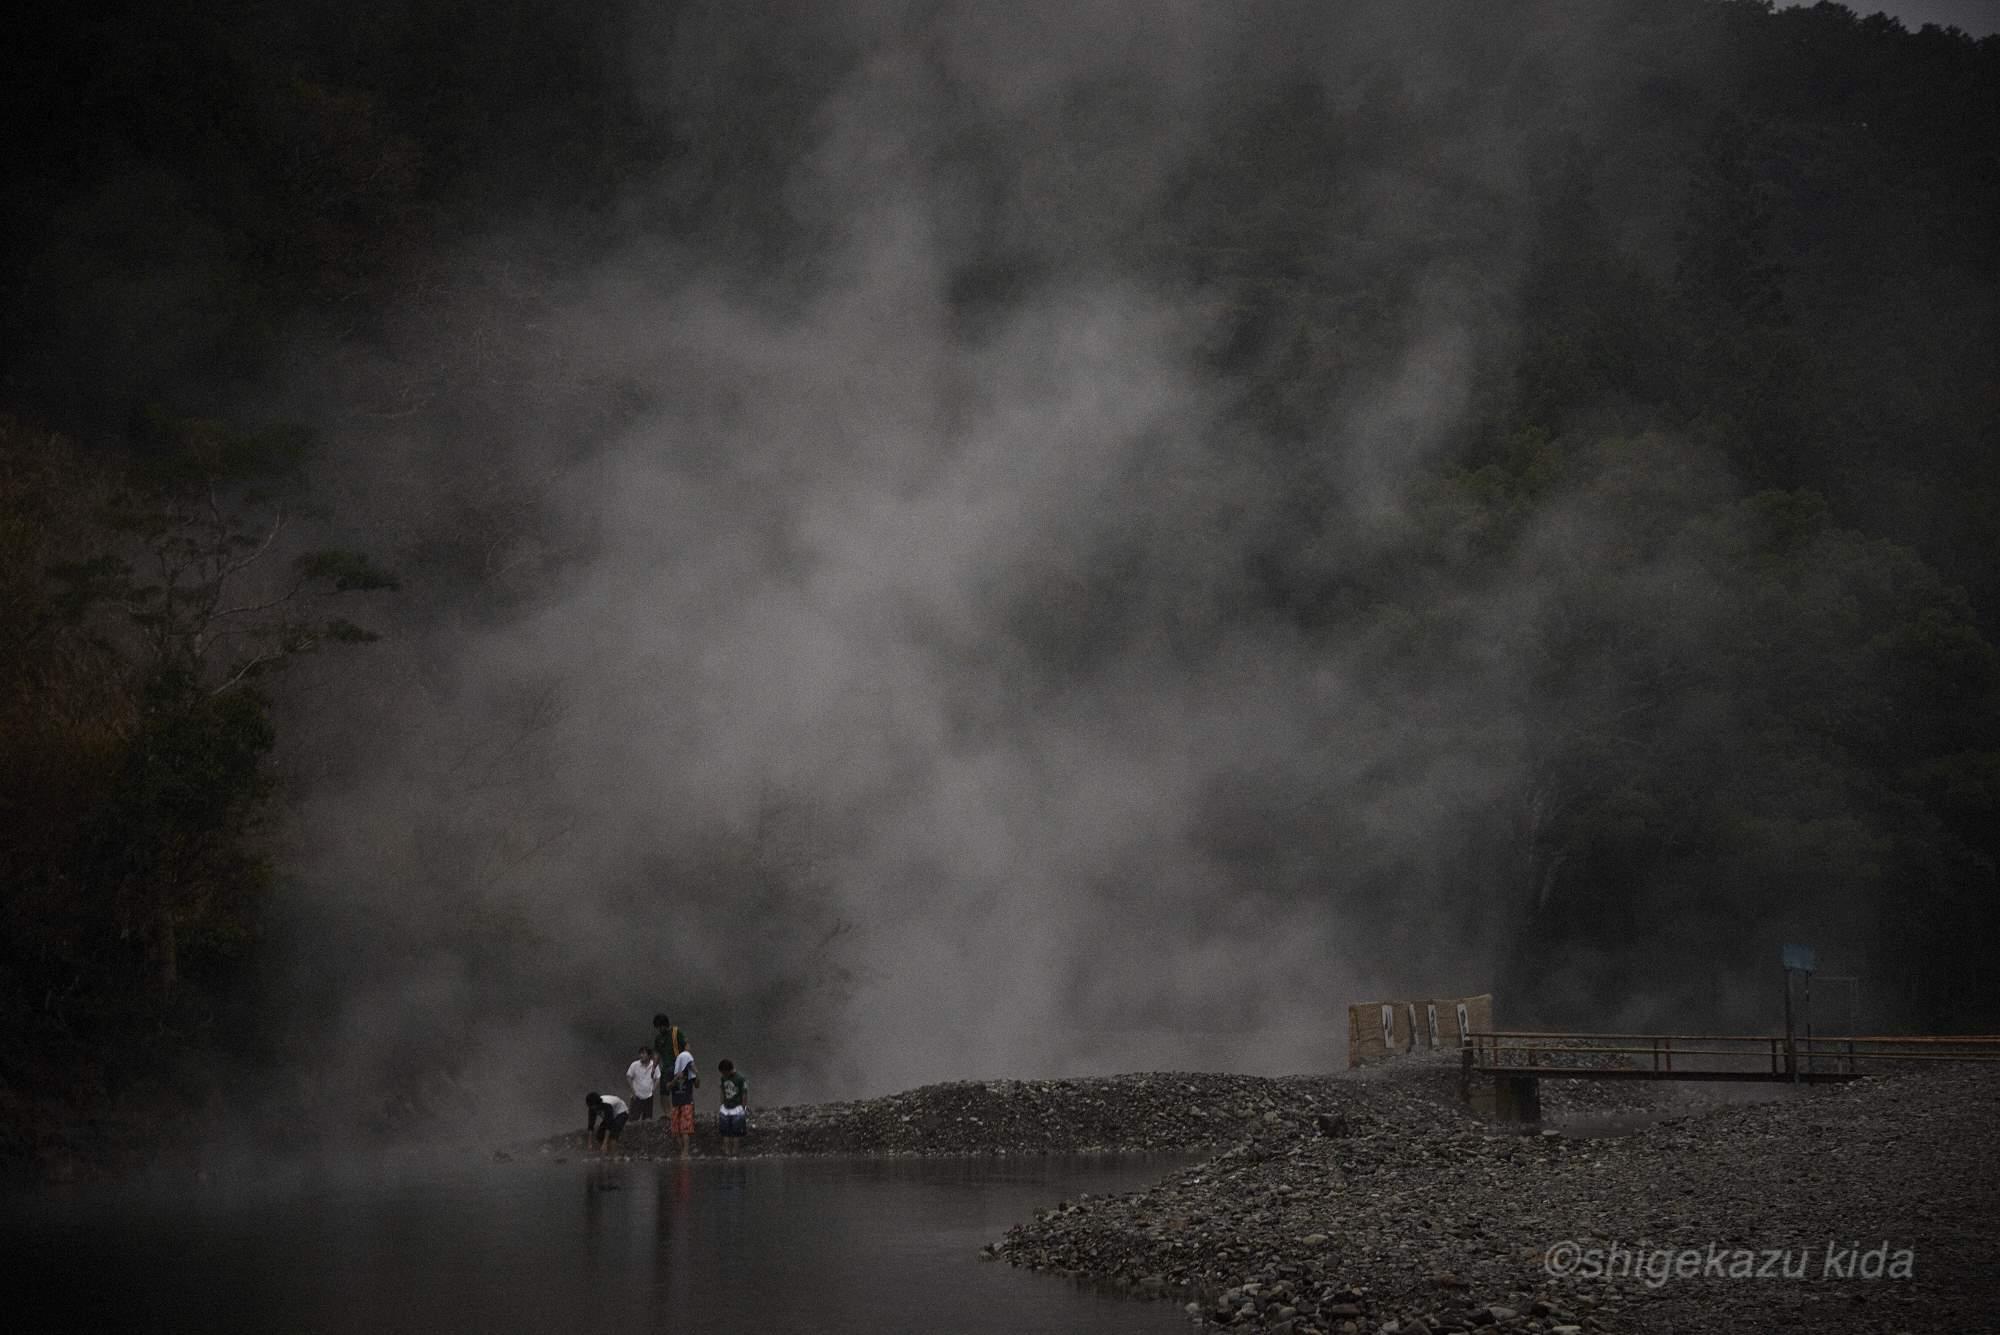 貴田茂和 shigekazu kida 熊野古道の仙人風呂